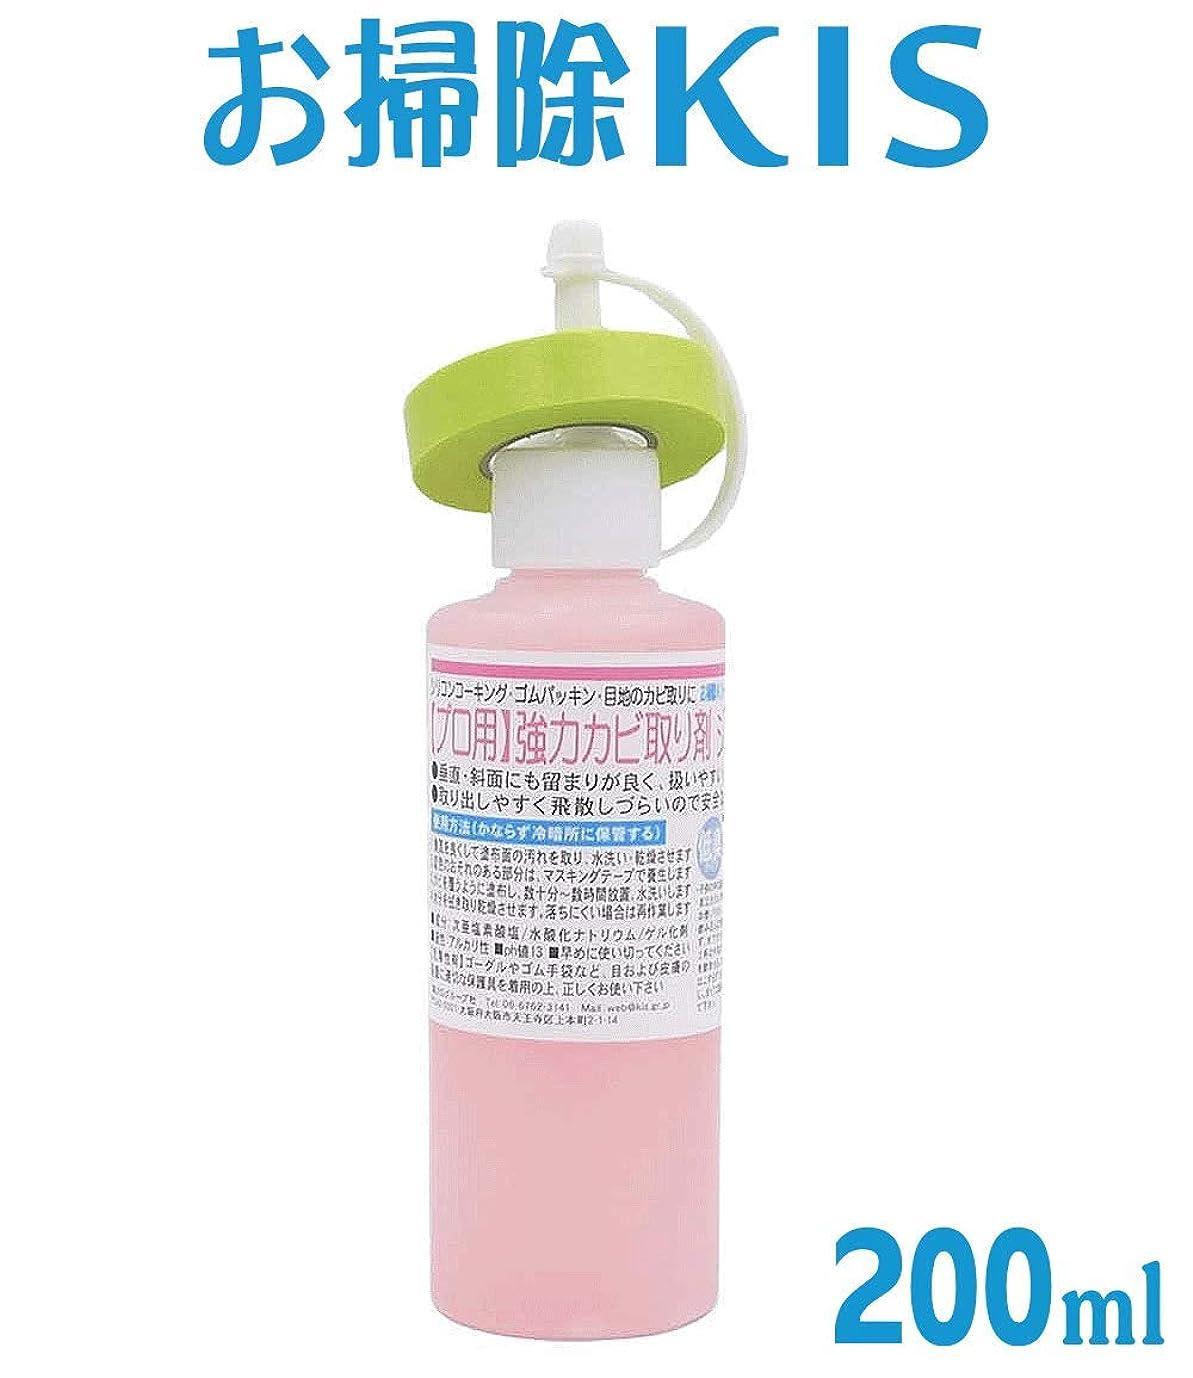 天皇データ好きであるプロ用カビ取りジェル200g 業務用カビ取り剤 カビ取り 高濃度ジェル 浴室 風呂 ゴムパッキン